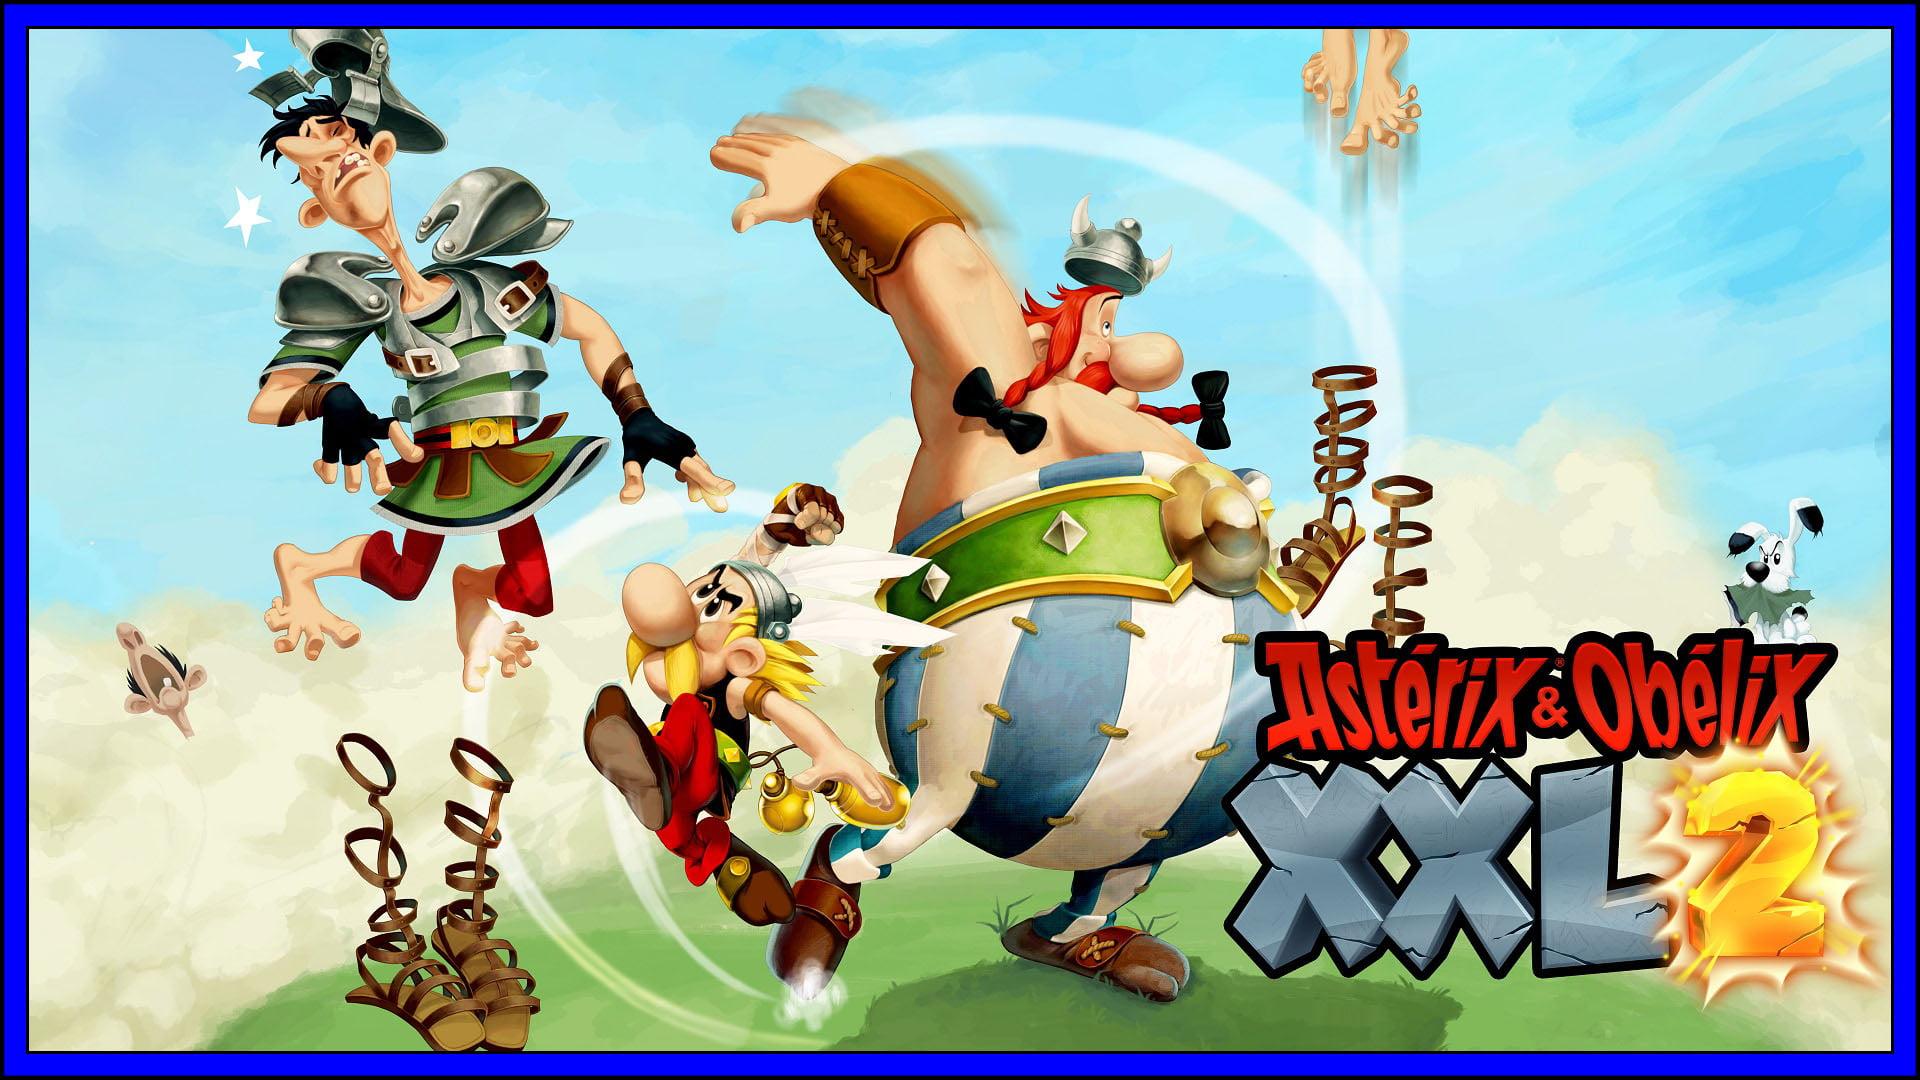 Asterix & Obelix XXL 2 (PS4) Review